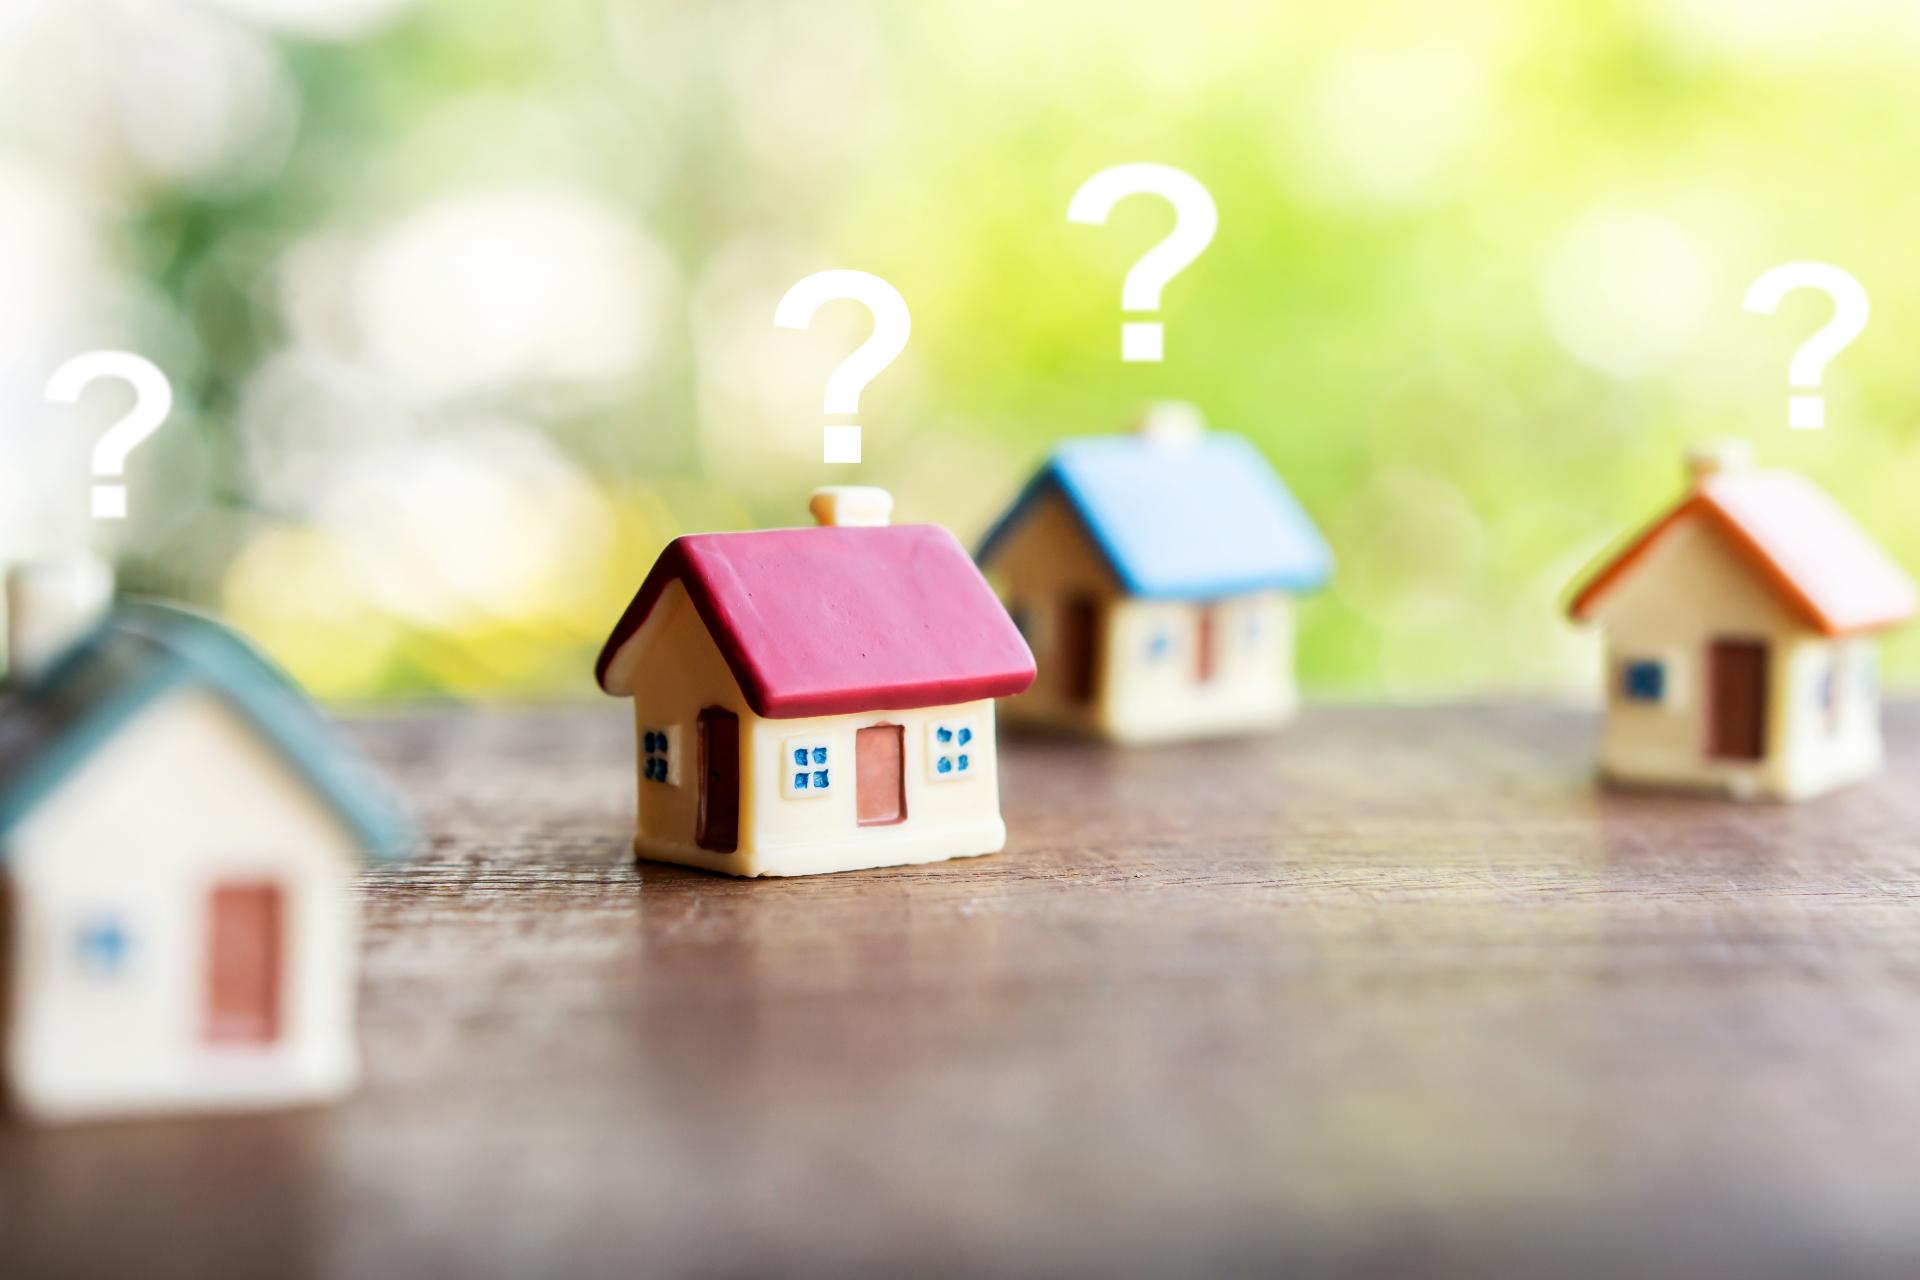 Пока нет ясности в решении истории с апартаментами, девелоперы, которые имеют возможность отложить запуск проектов или отказаться от их реализации, скорее всего, так и сделают